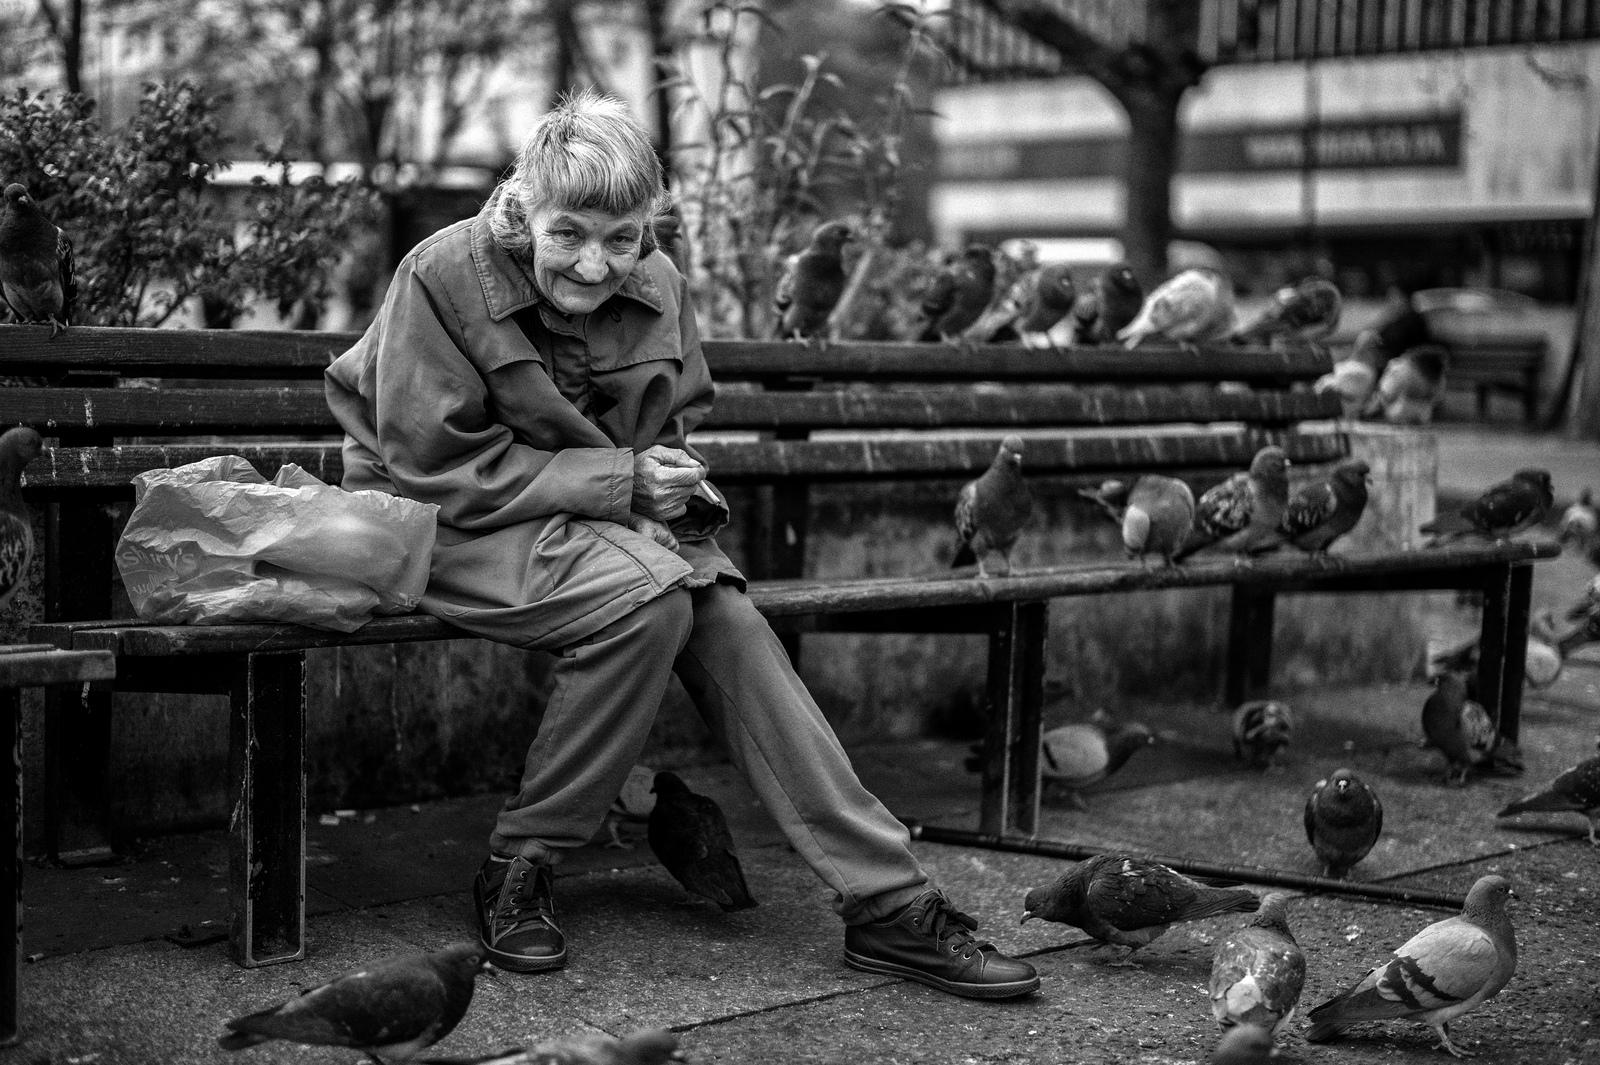 loneliness-in-london-alan-schaller-04